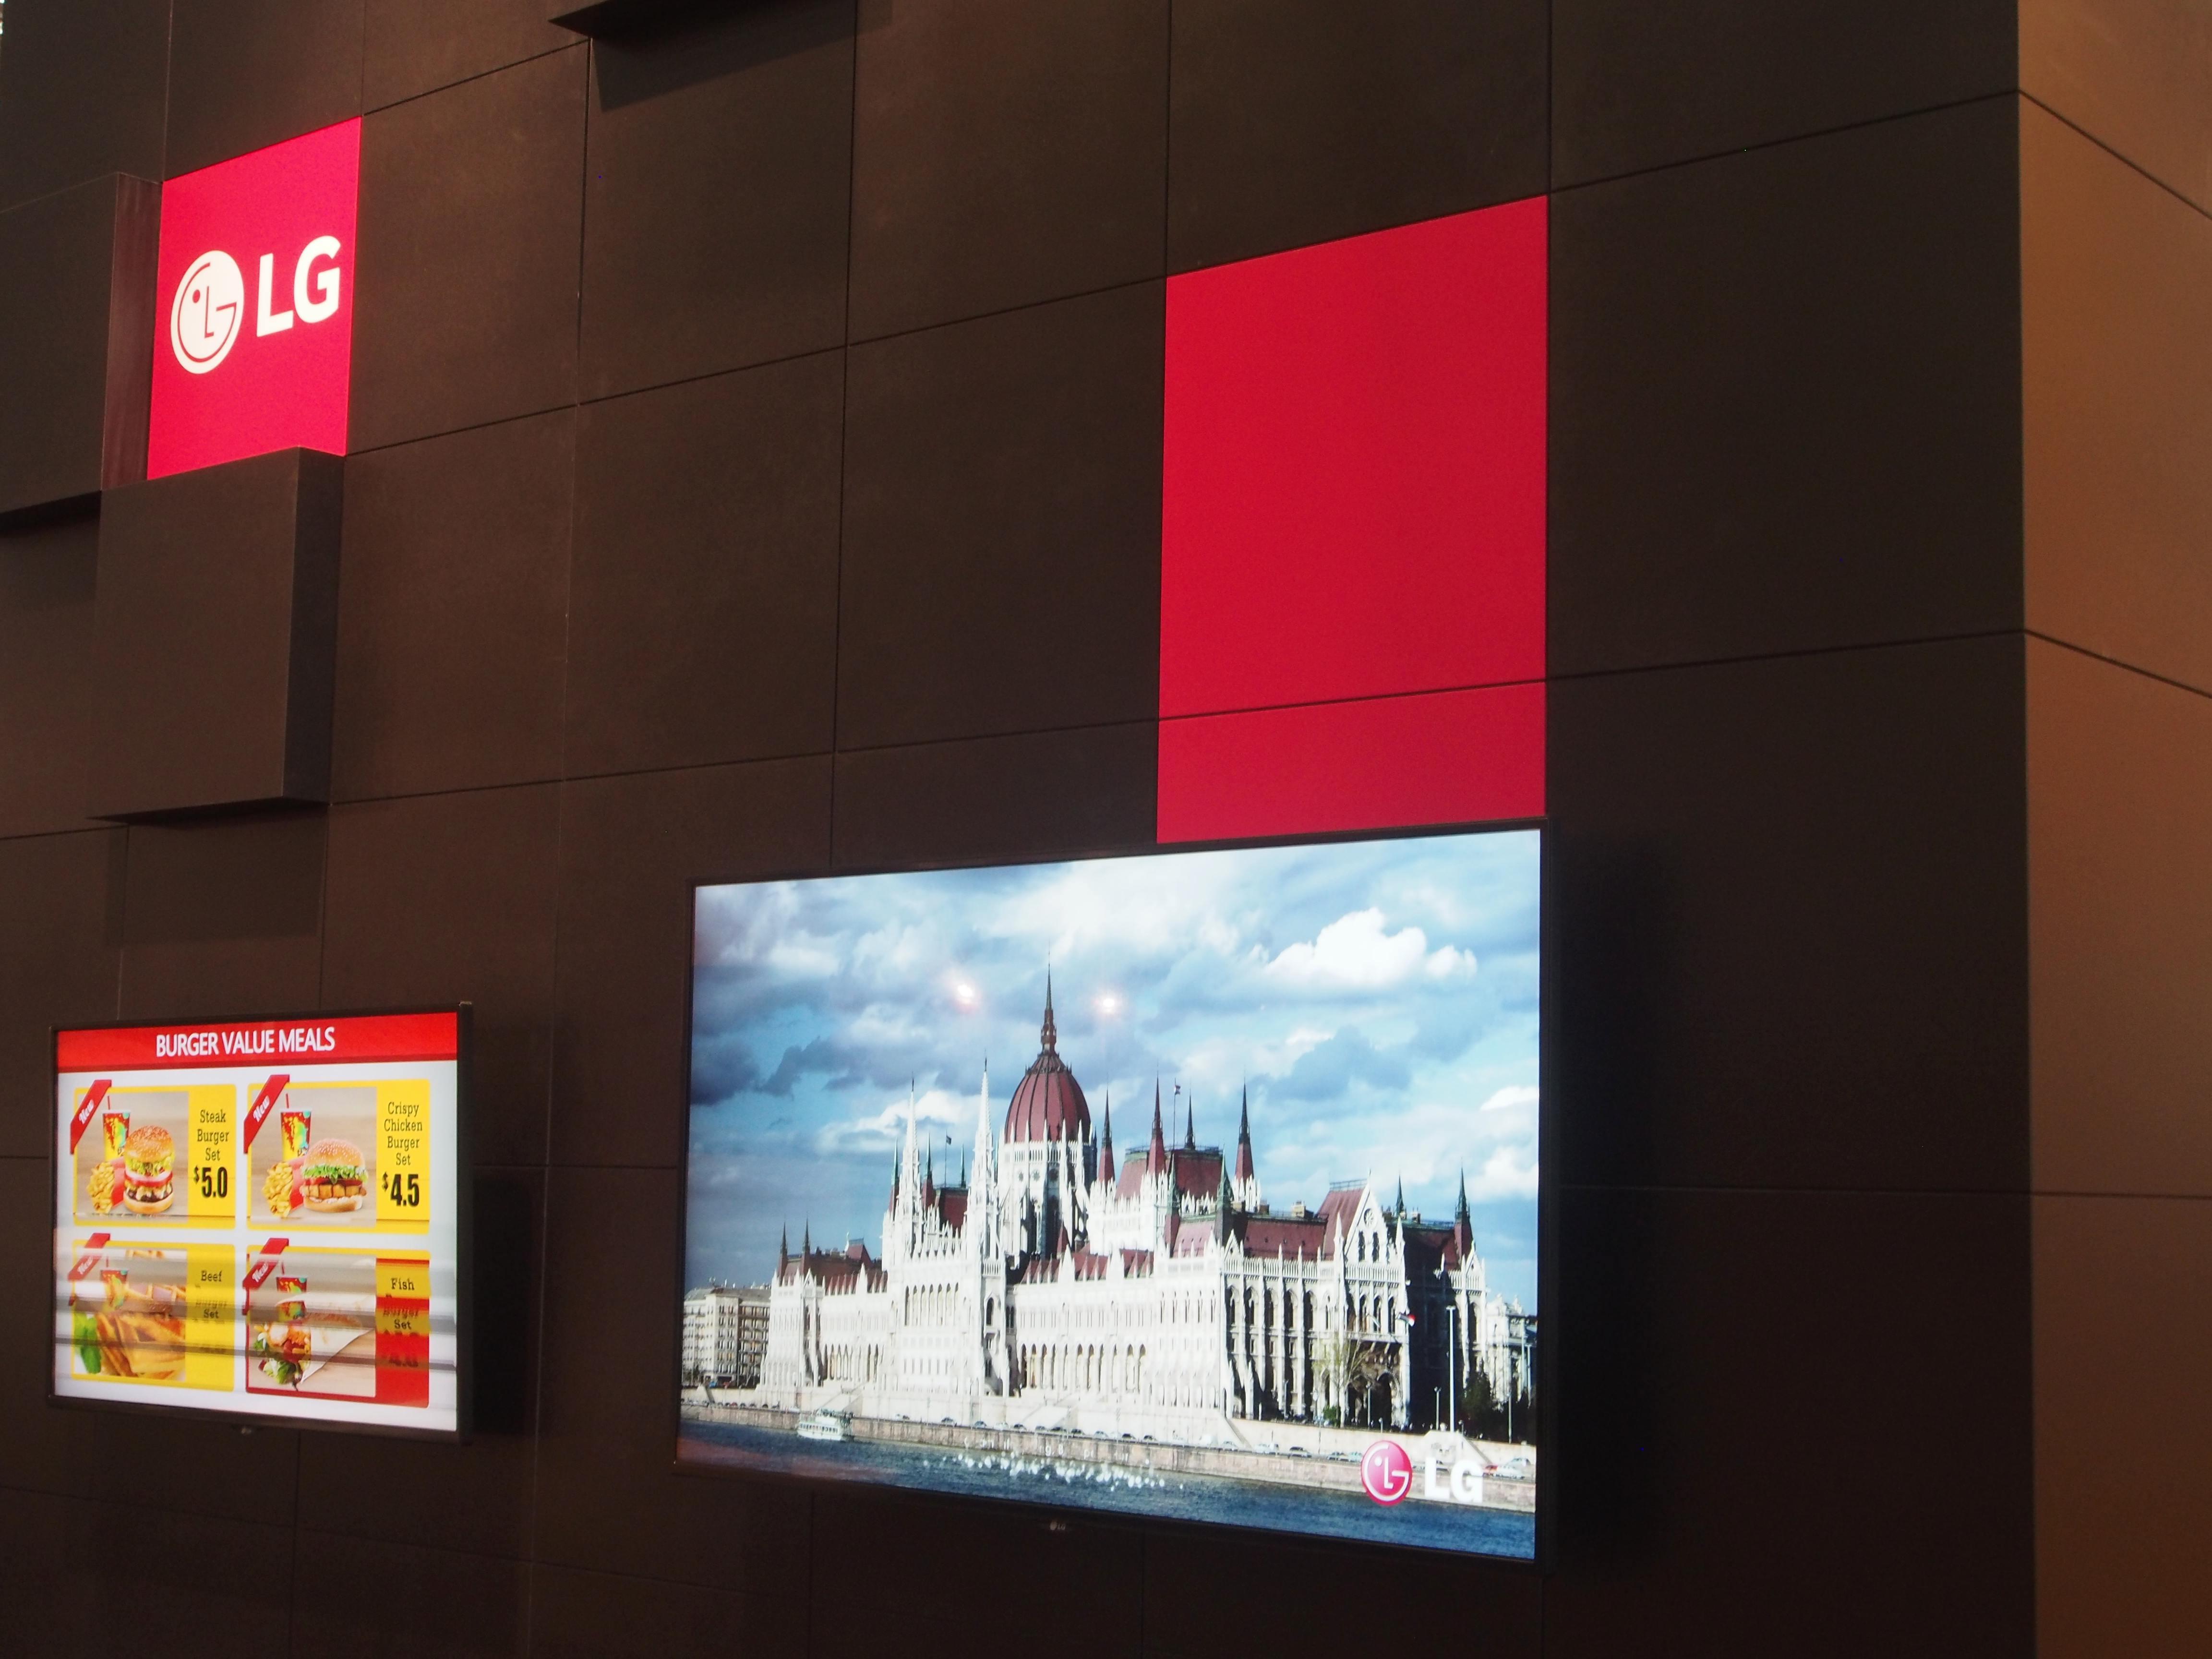 Rechts im Bild eine Weltpremiere - LG treibt den Markt mit kleineren UHD LFDs mit professionellen Panels voran (Foto: invidis)